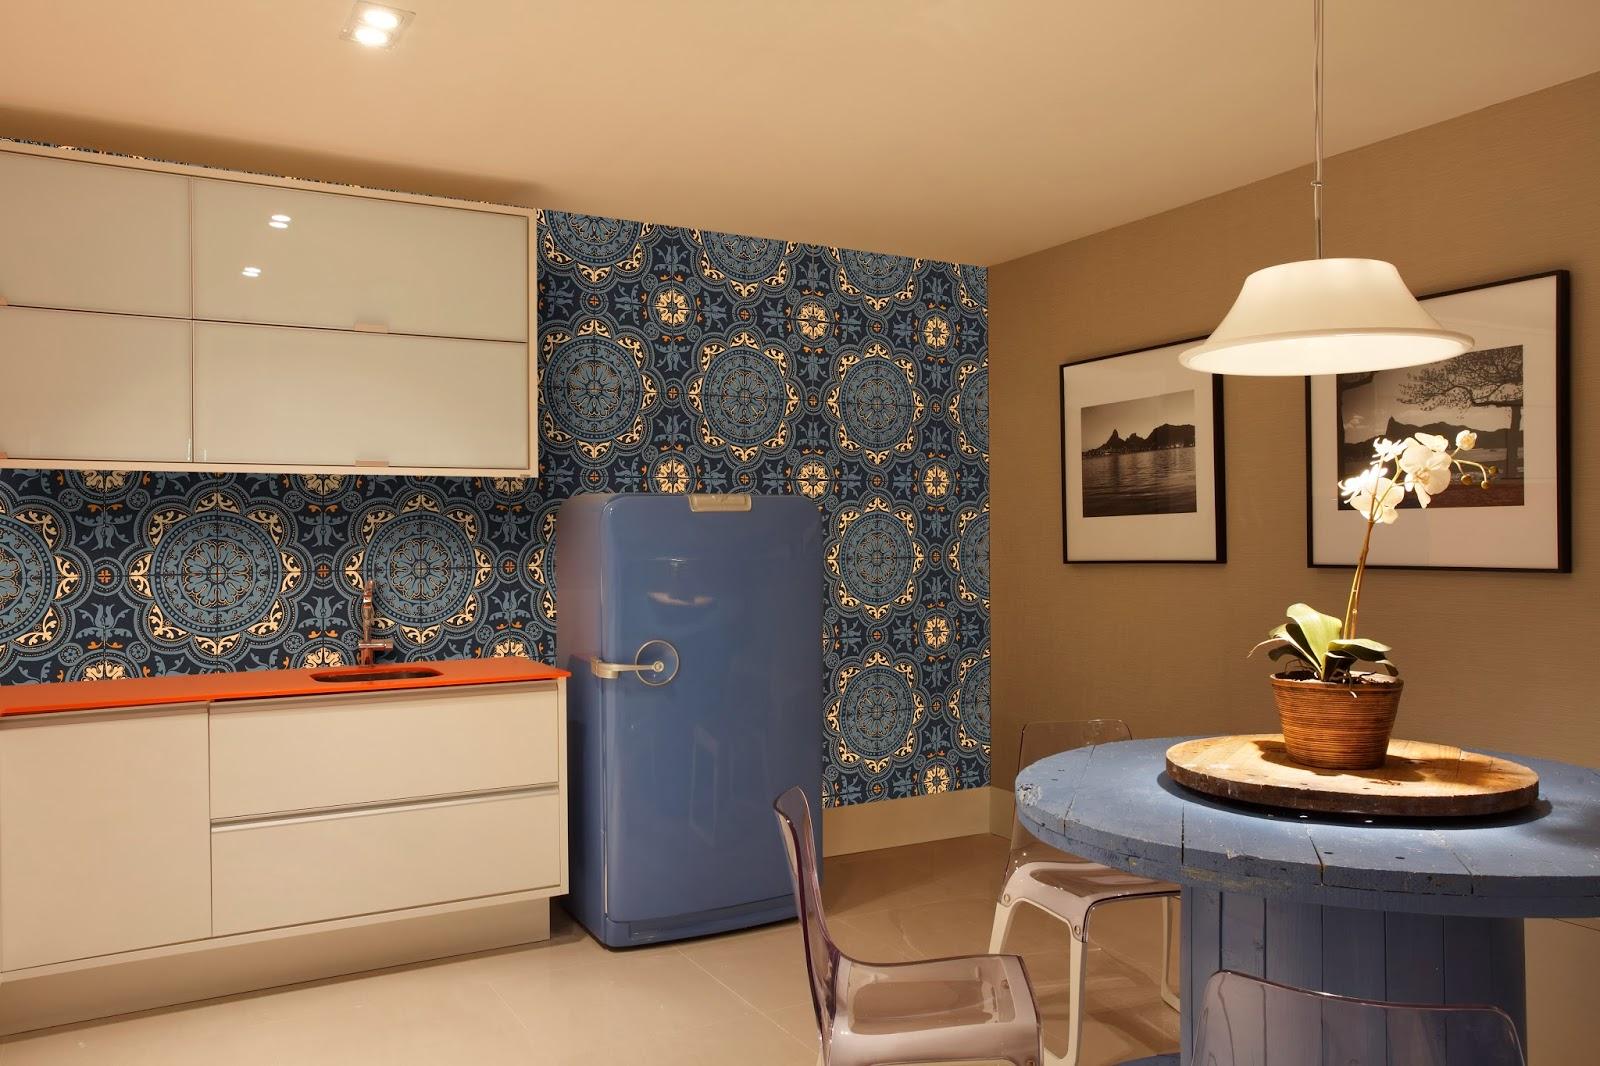 cozinhas planejadas fotos e modelos decoração caipira para cozinha #A25429 1600 1066